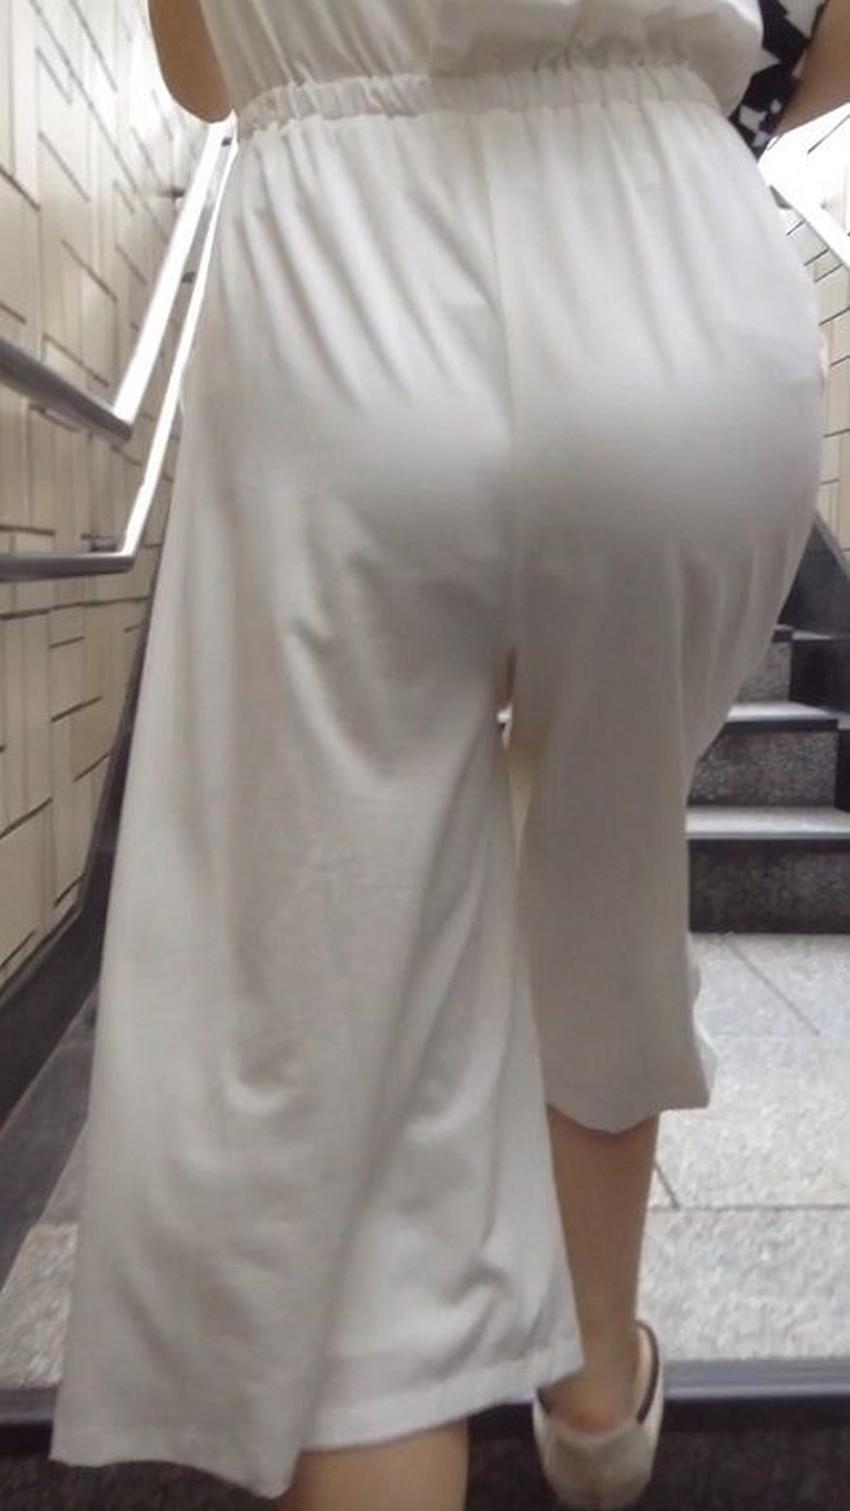 【ガウチョパンツエロ画像】街中で透けパンやパンティーラインが盗撮できちゃうガウチョパンツのエロ画像集ww!w【80枚】 15